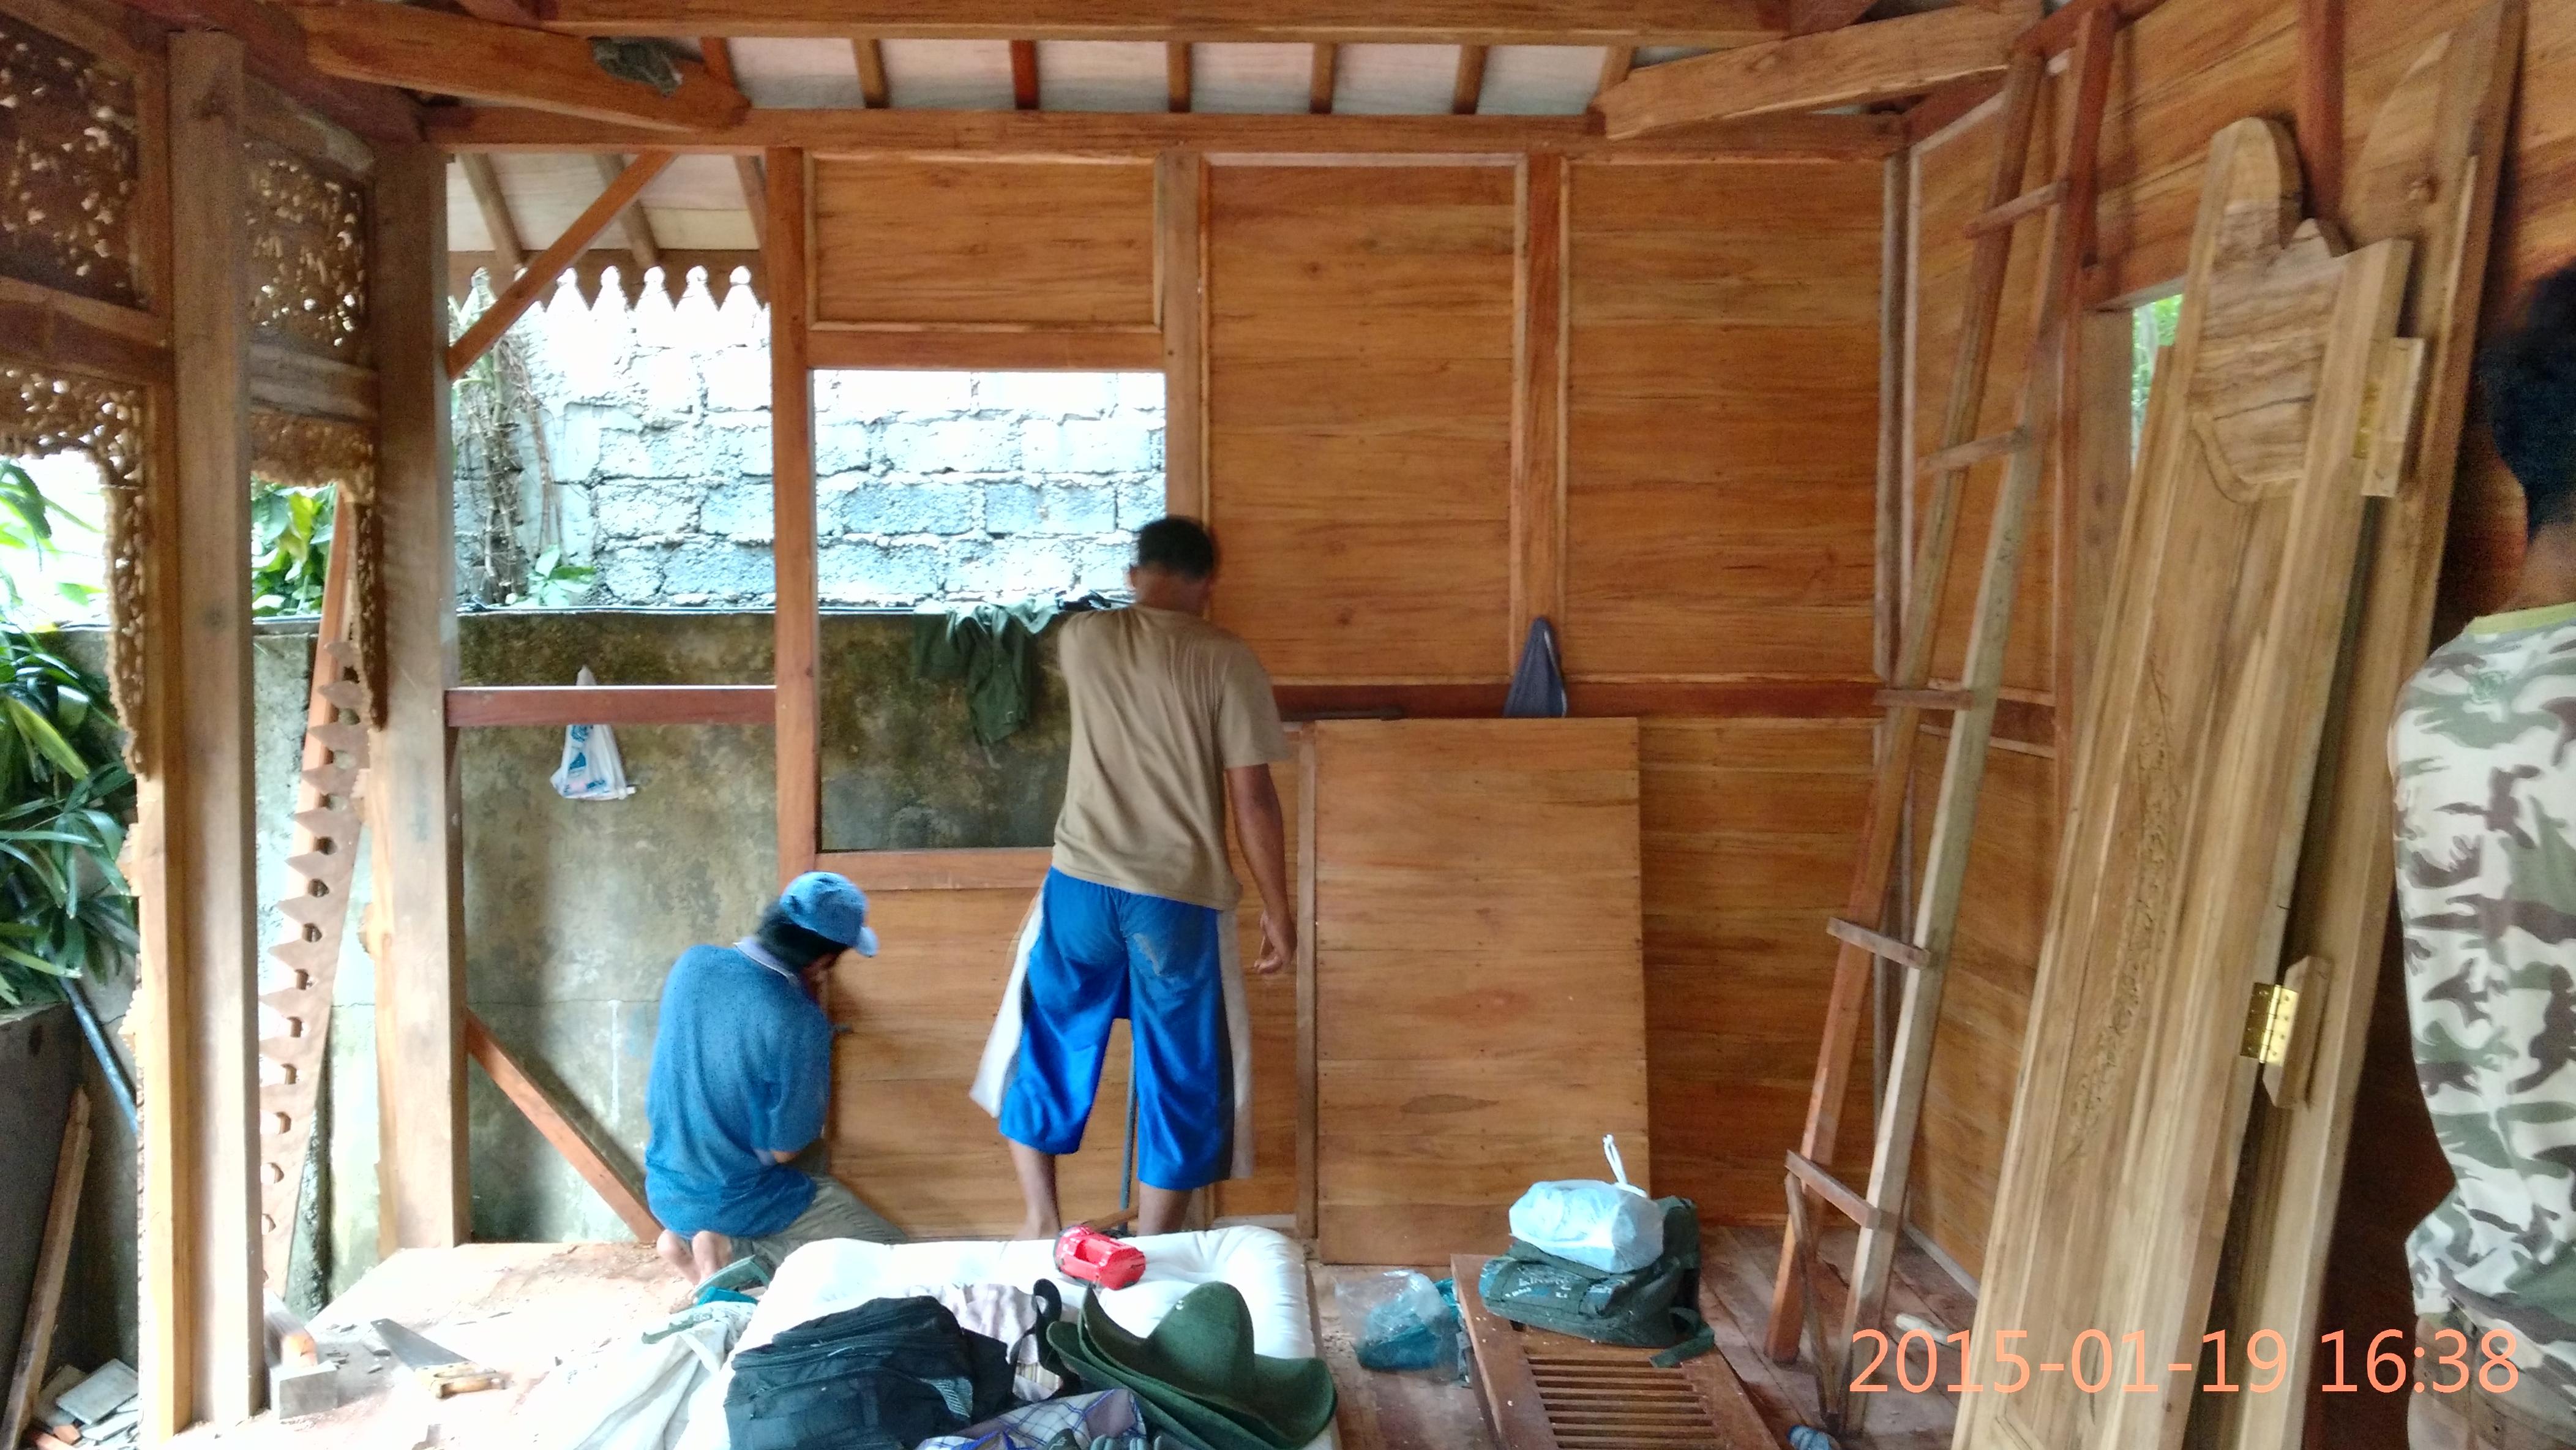 desain kamar tidur unik dengan dinding panel kayu